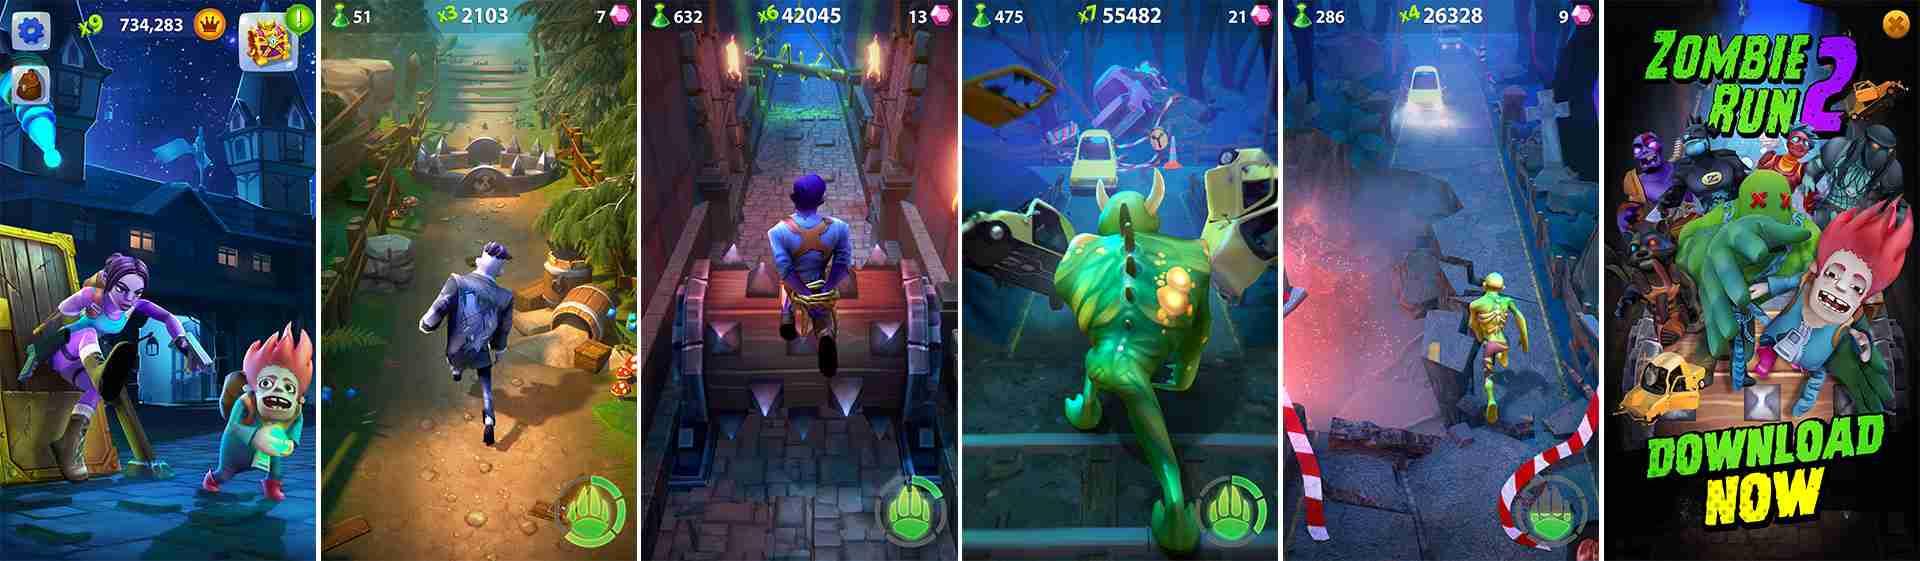 ZombieRun2 screenshots pack new render